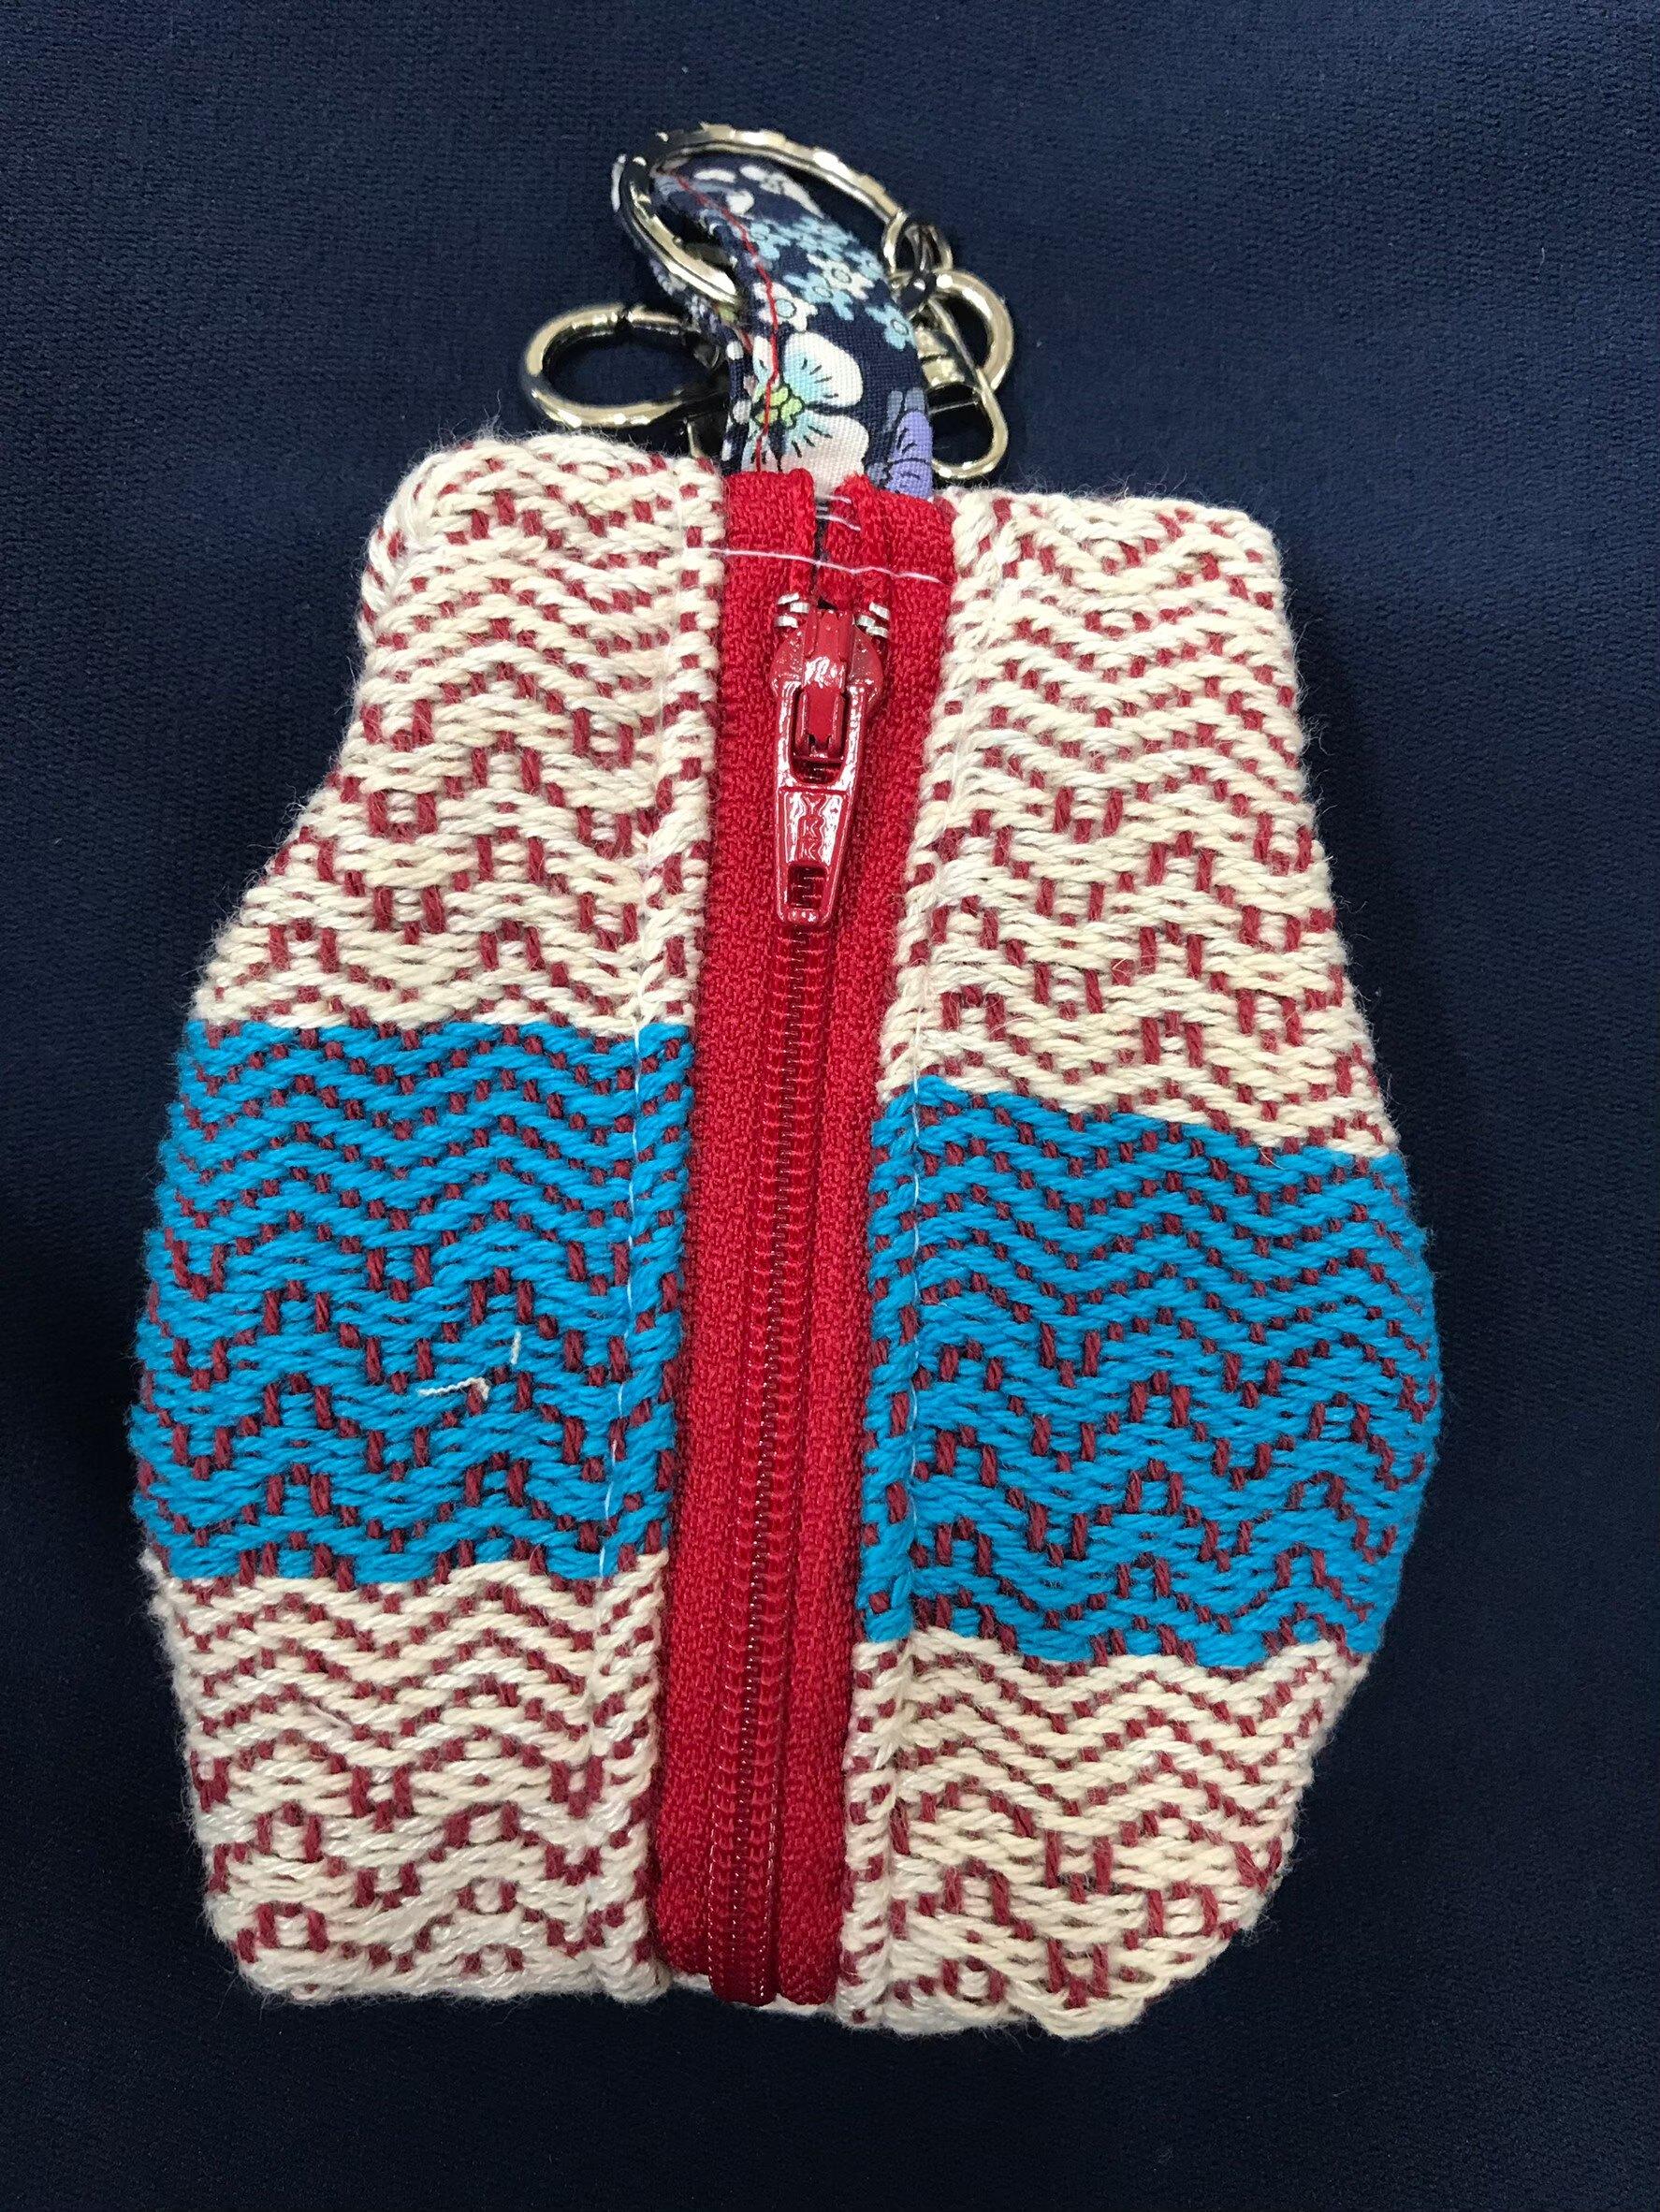 原住民織布/賽德克織布/鑰匙零錢包 (10*8cm)